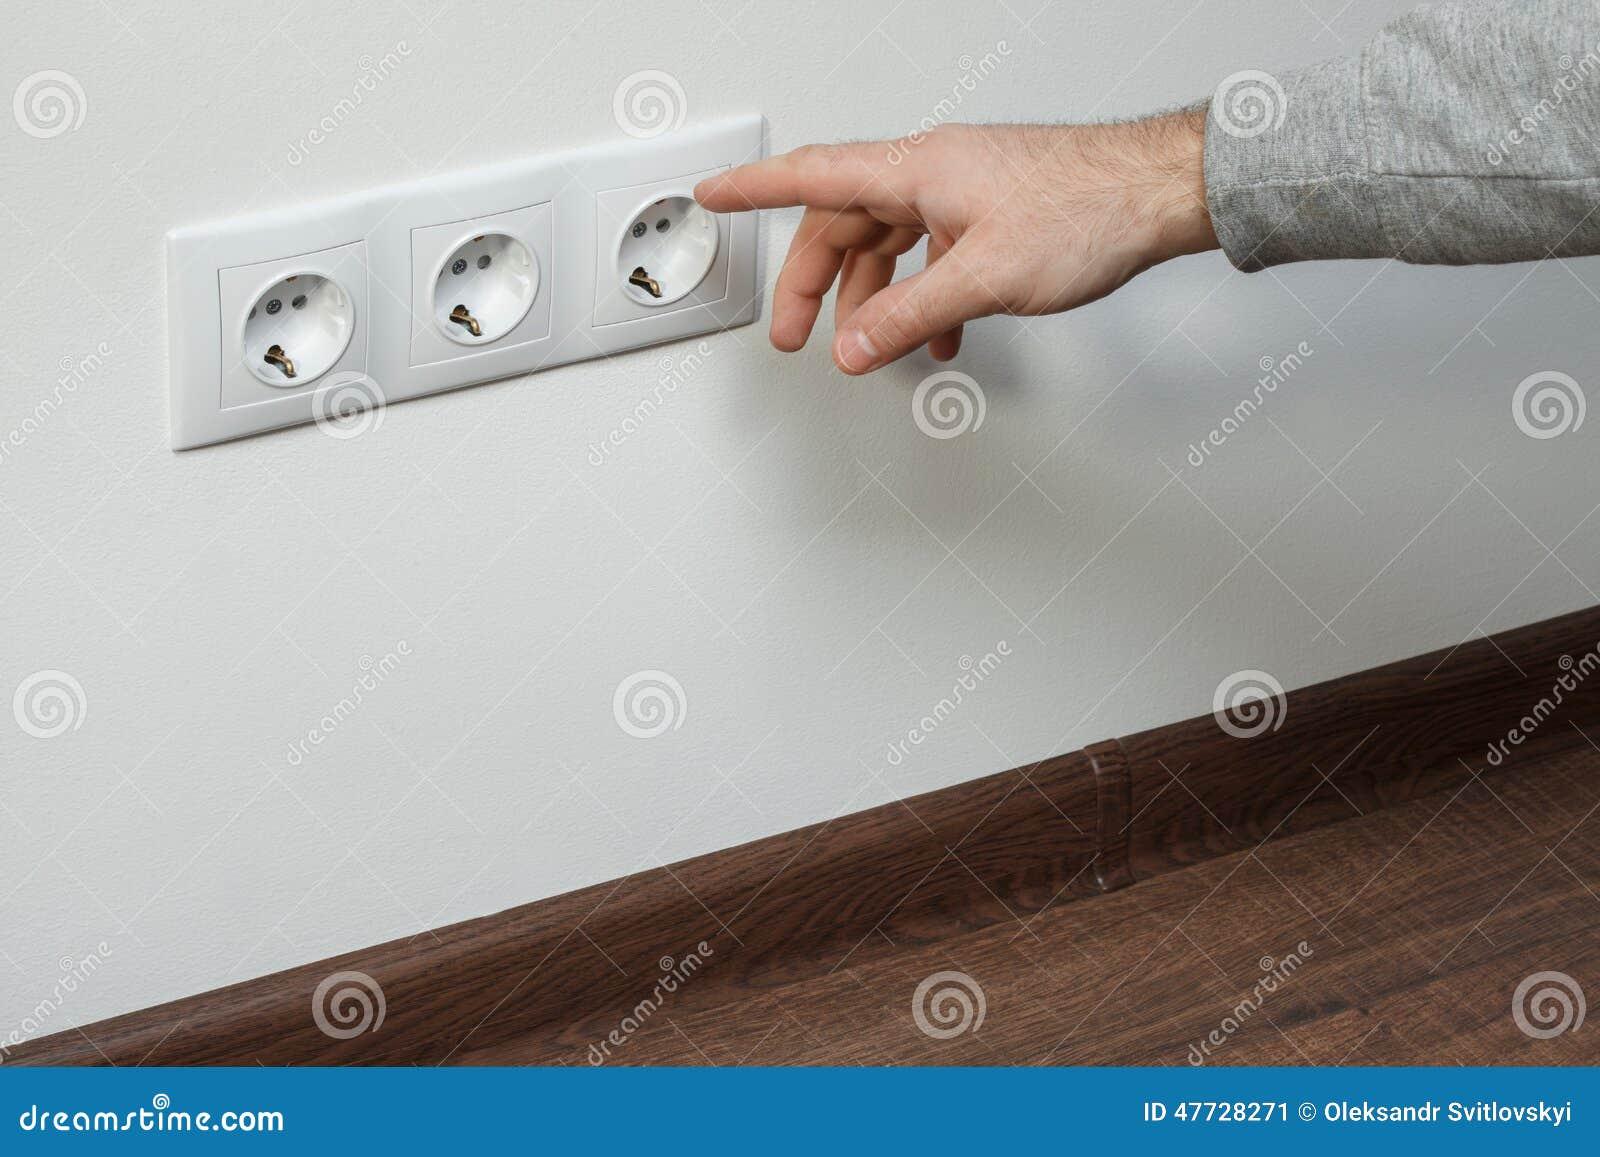 L 39 lectricien montre un doigt une prise lectrique photo stock image - Refaire une prise electrique ...